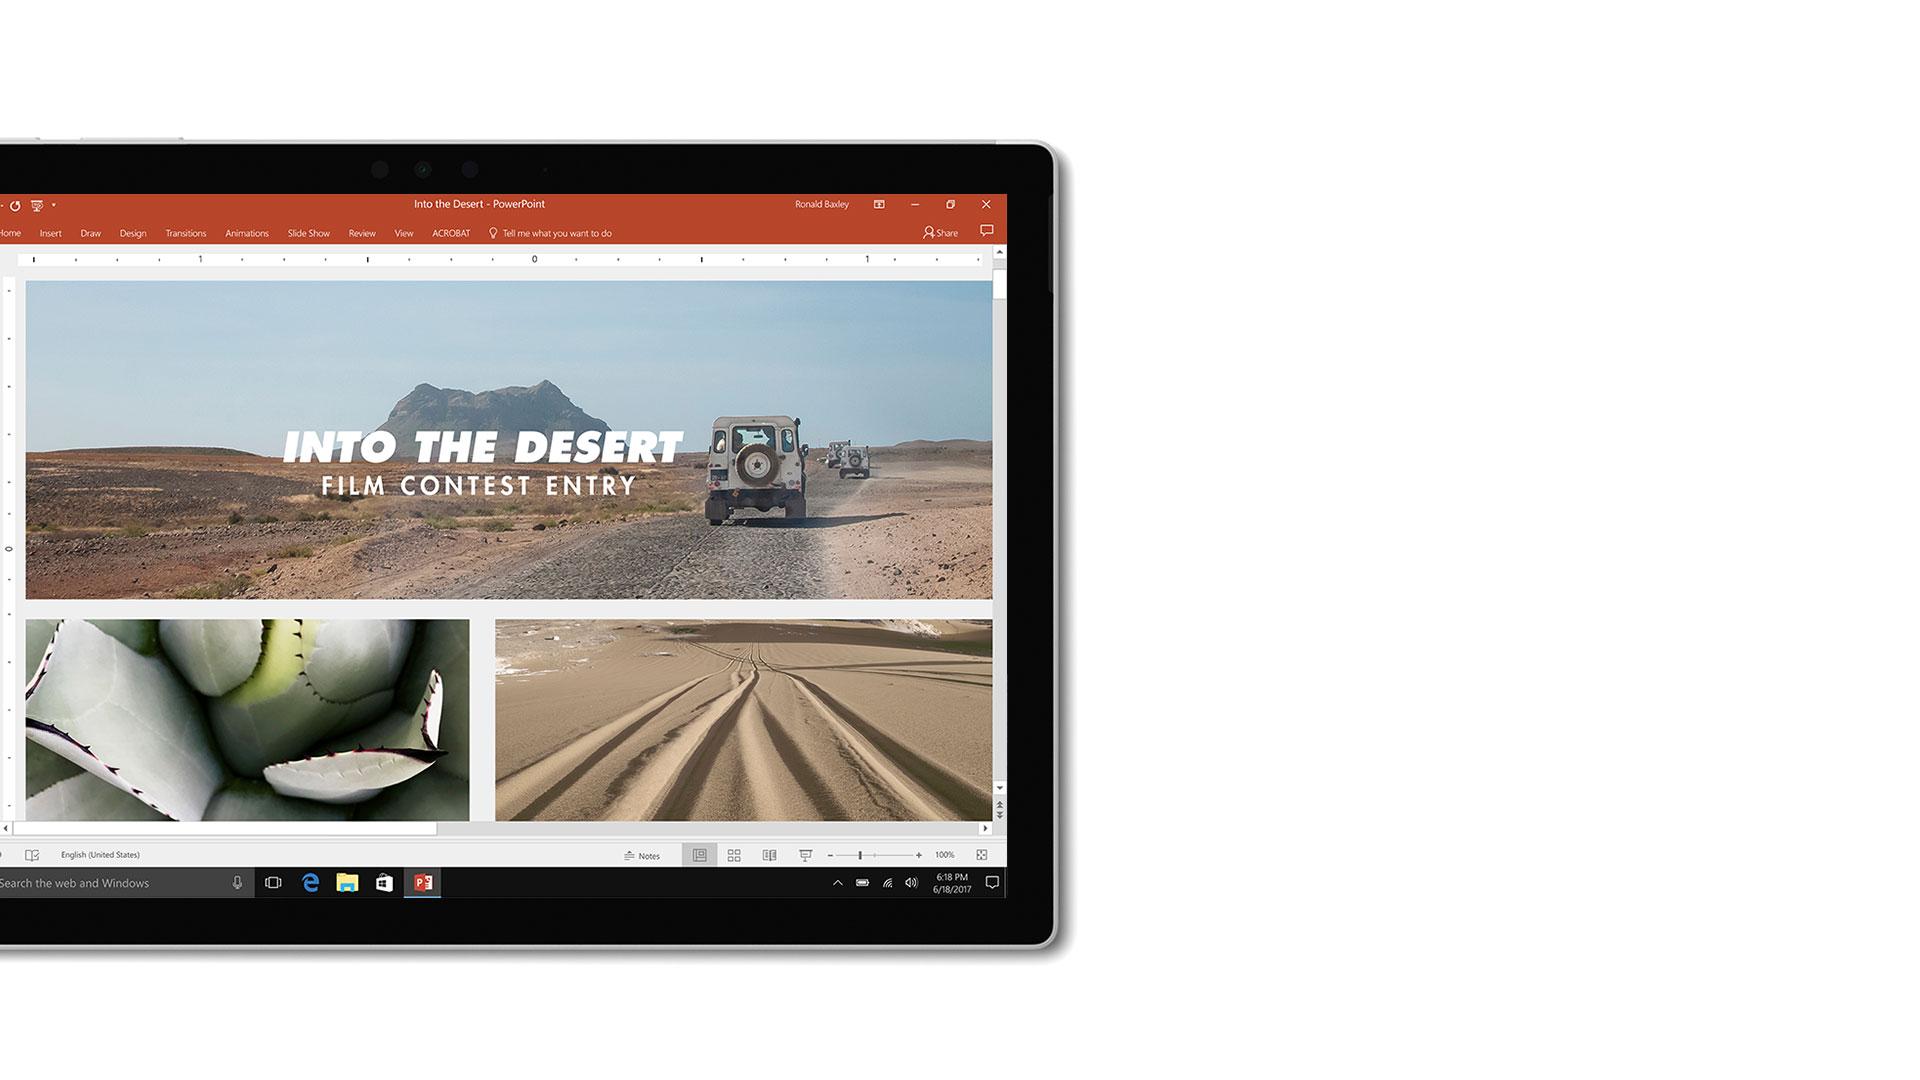 Bild von Microsoft PowerPoint-Benutzeroberfläche